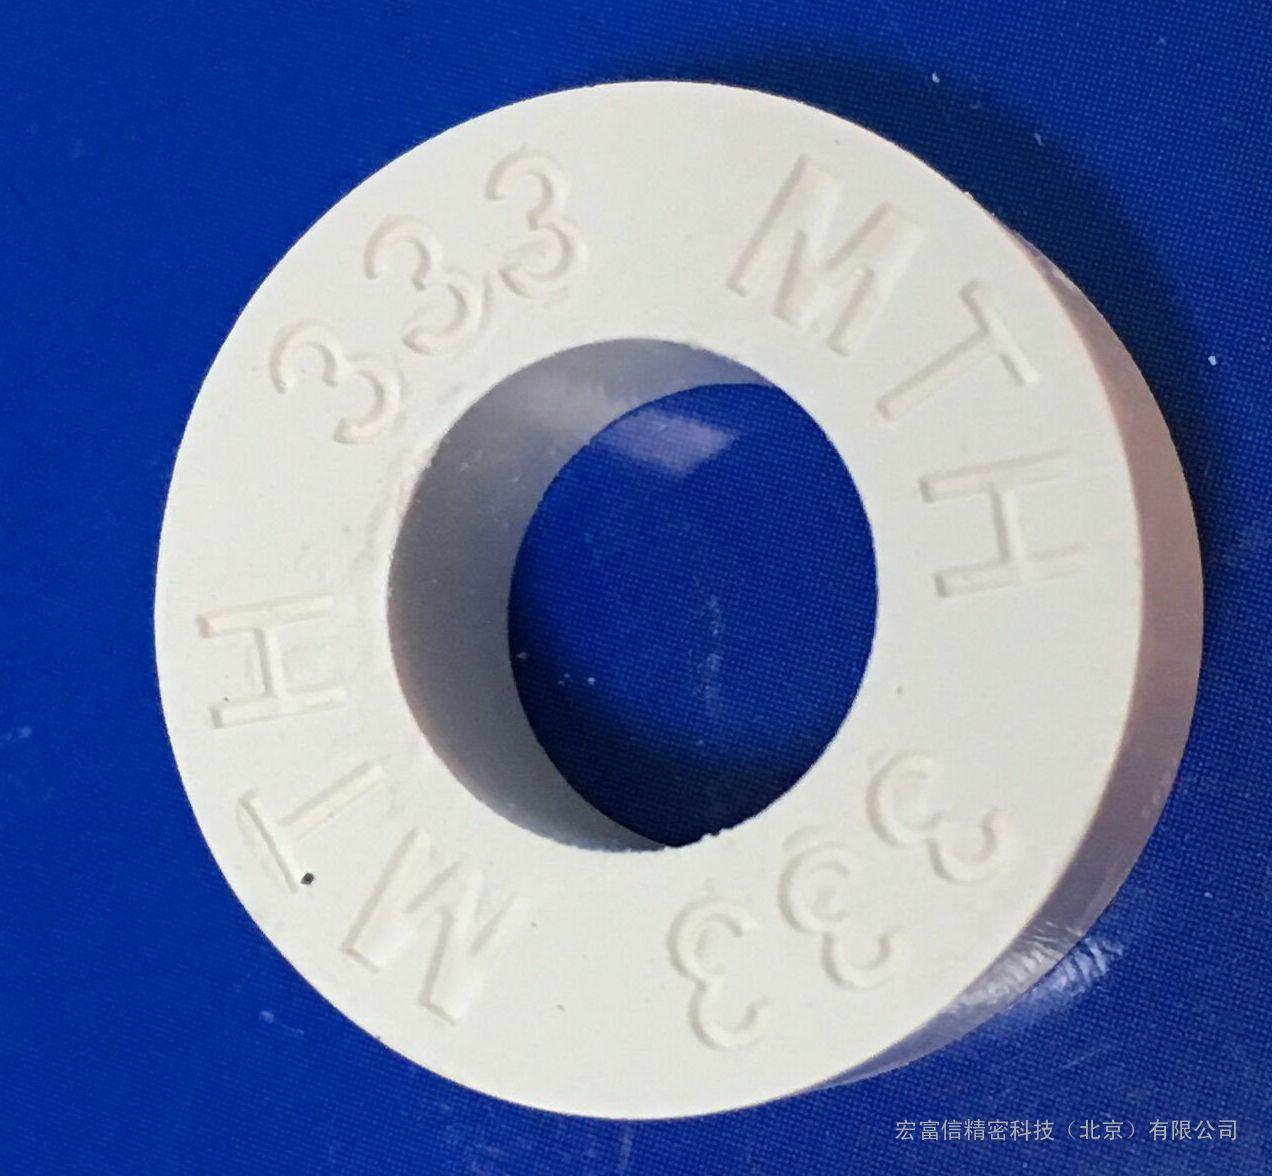 测温环、窑炉用测温环、美国测温环、ferro测温环